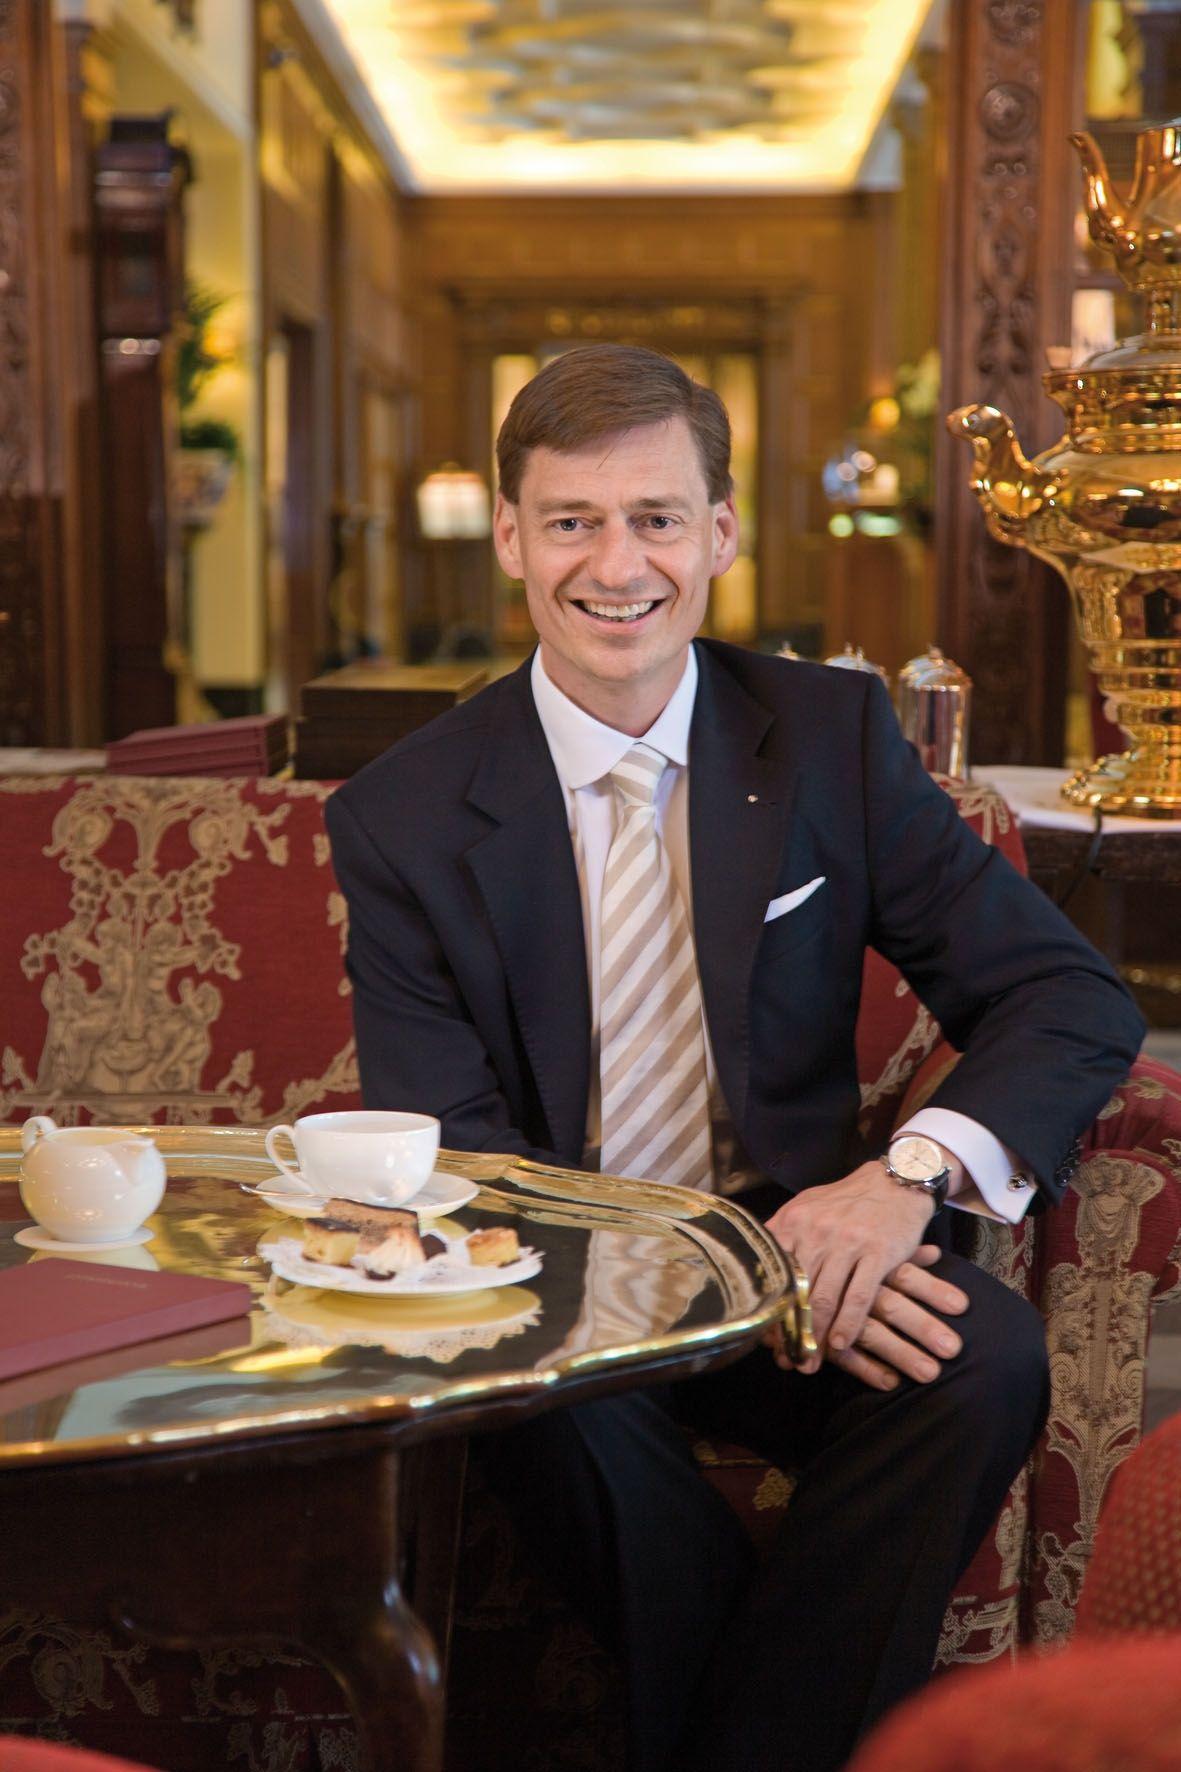 Interview mit Ingo C. Peters, Deutschlands Hotelier Nummer eins - Jetzt bei HOTELIER TV & RADIO: http://www.hoteliertv.net/podcasts/